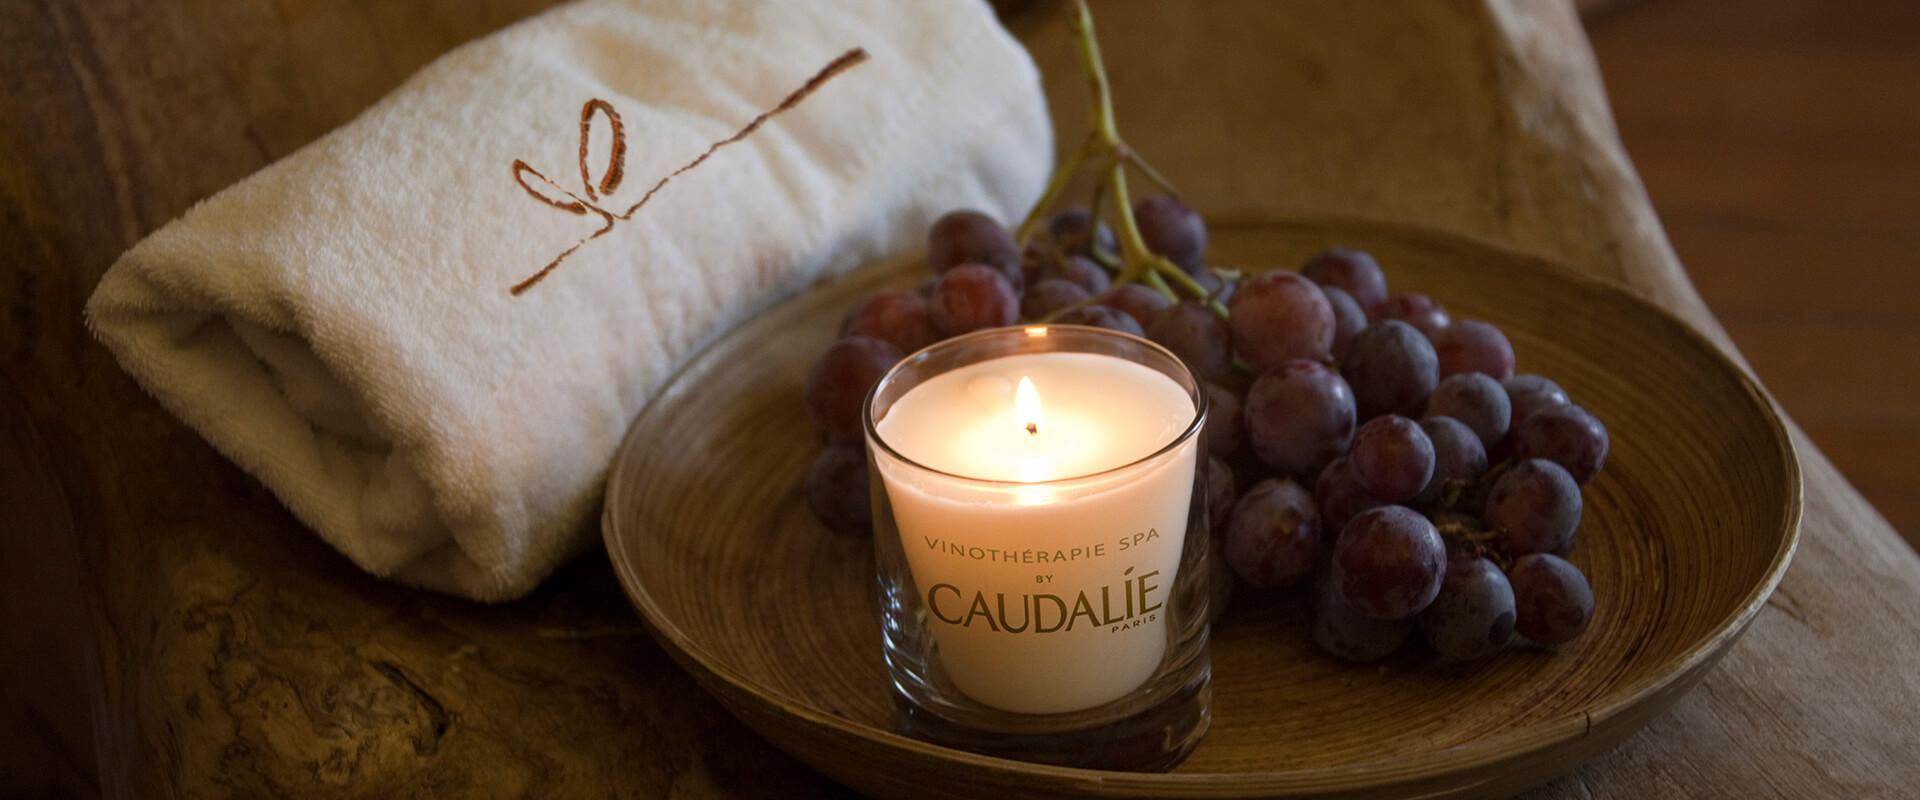 Spa Carmel by Caudalie